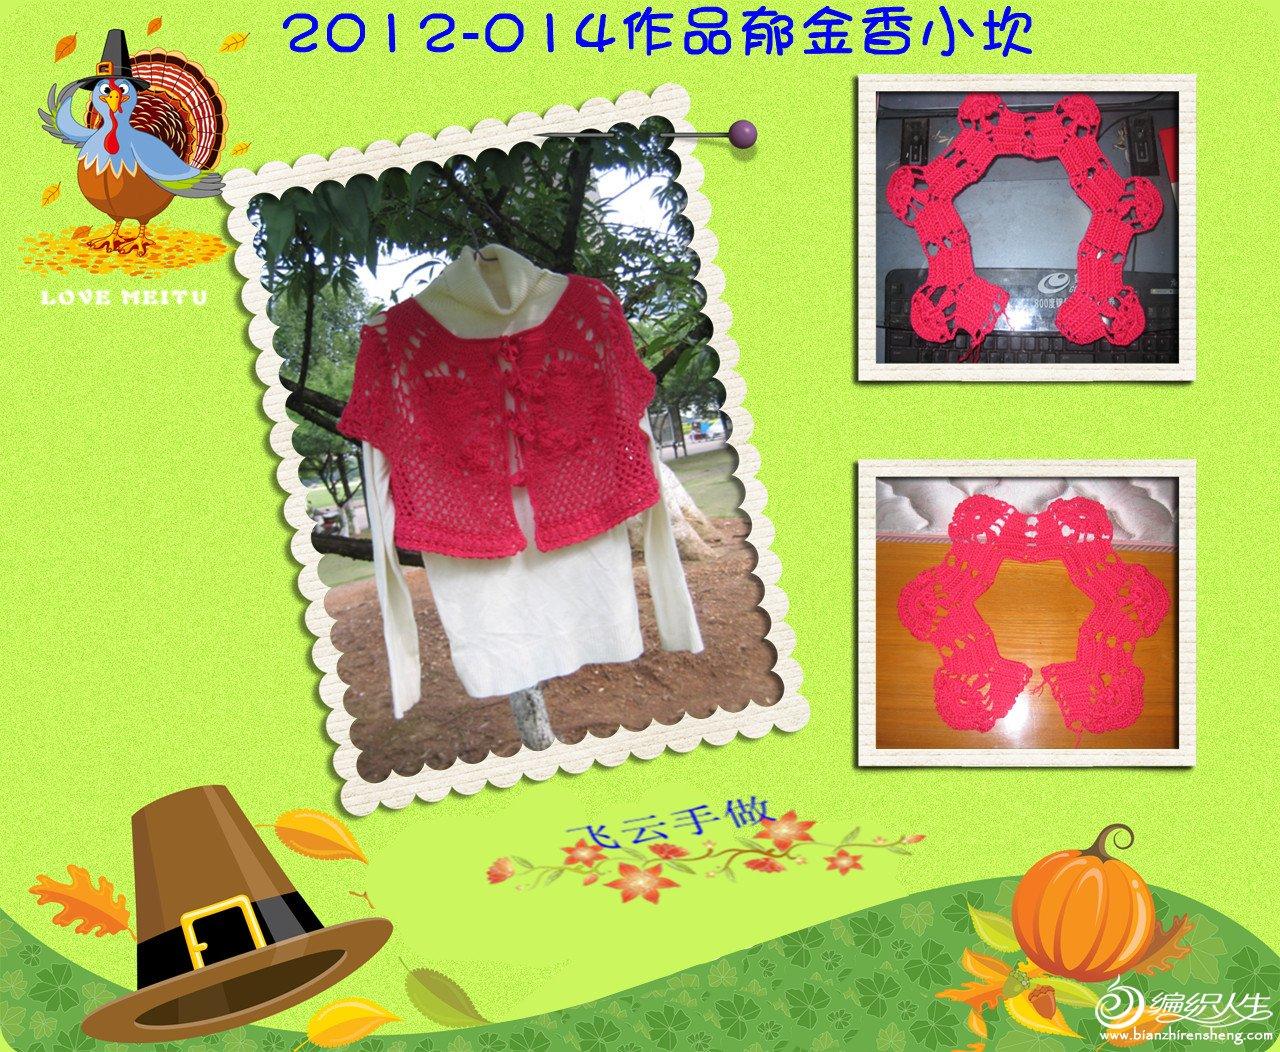 2012-014水红郁金香小坎 002_飞云拼图1.jpg